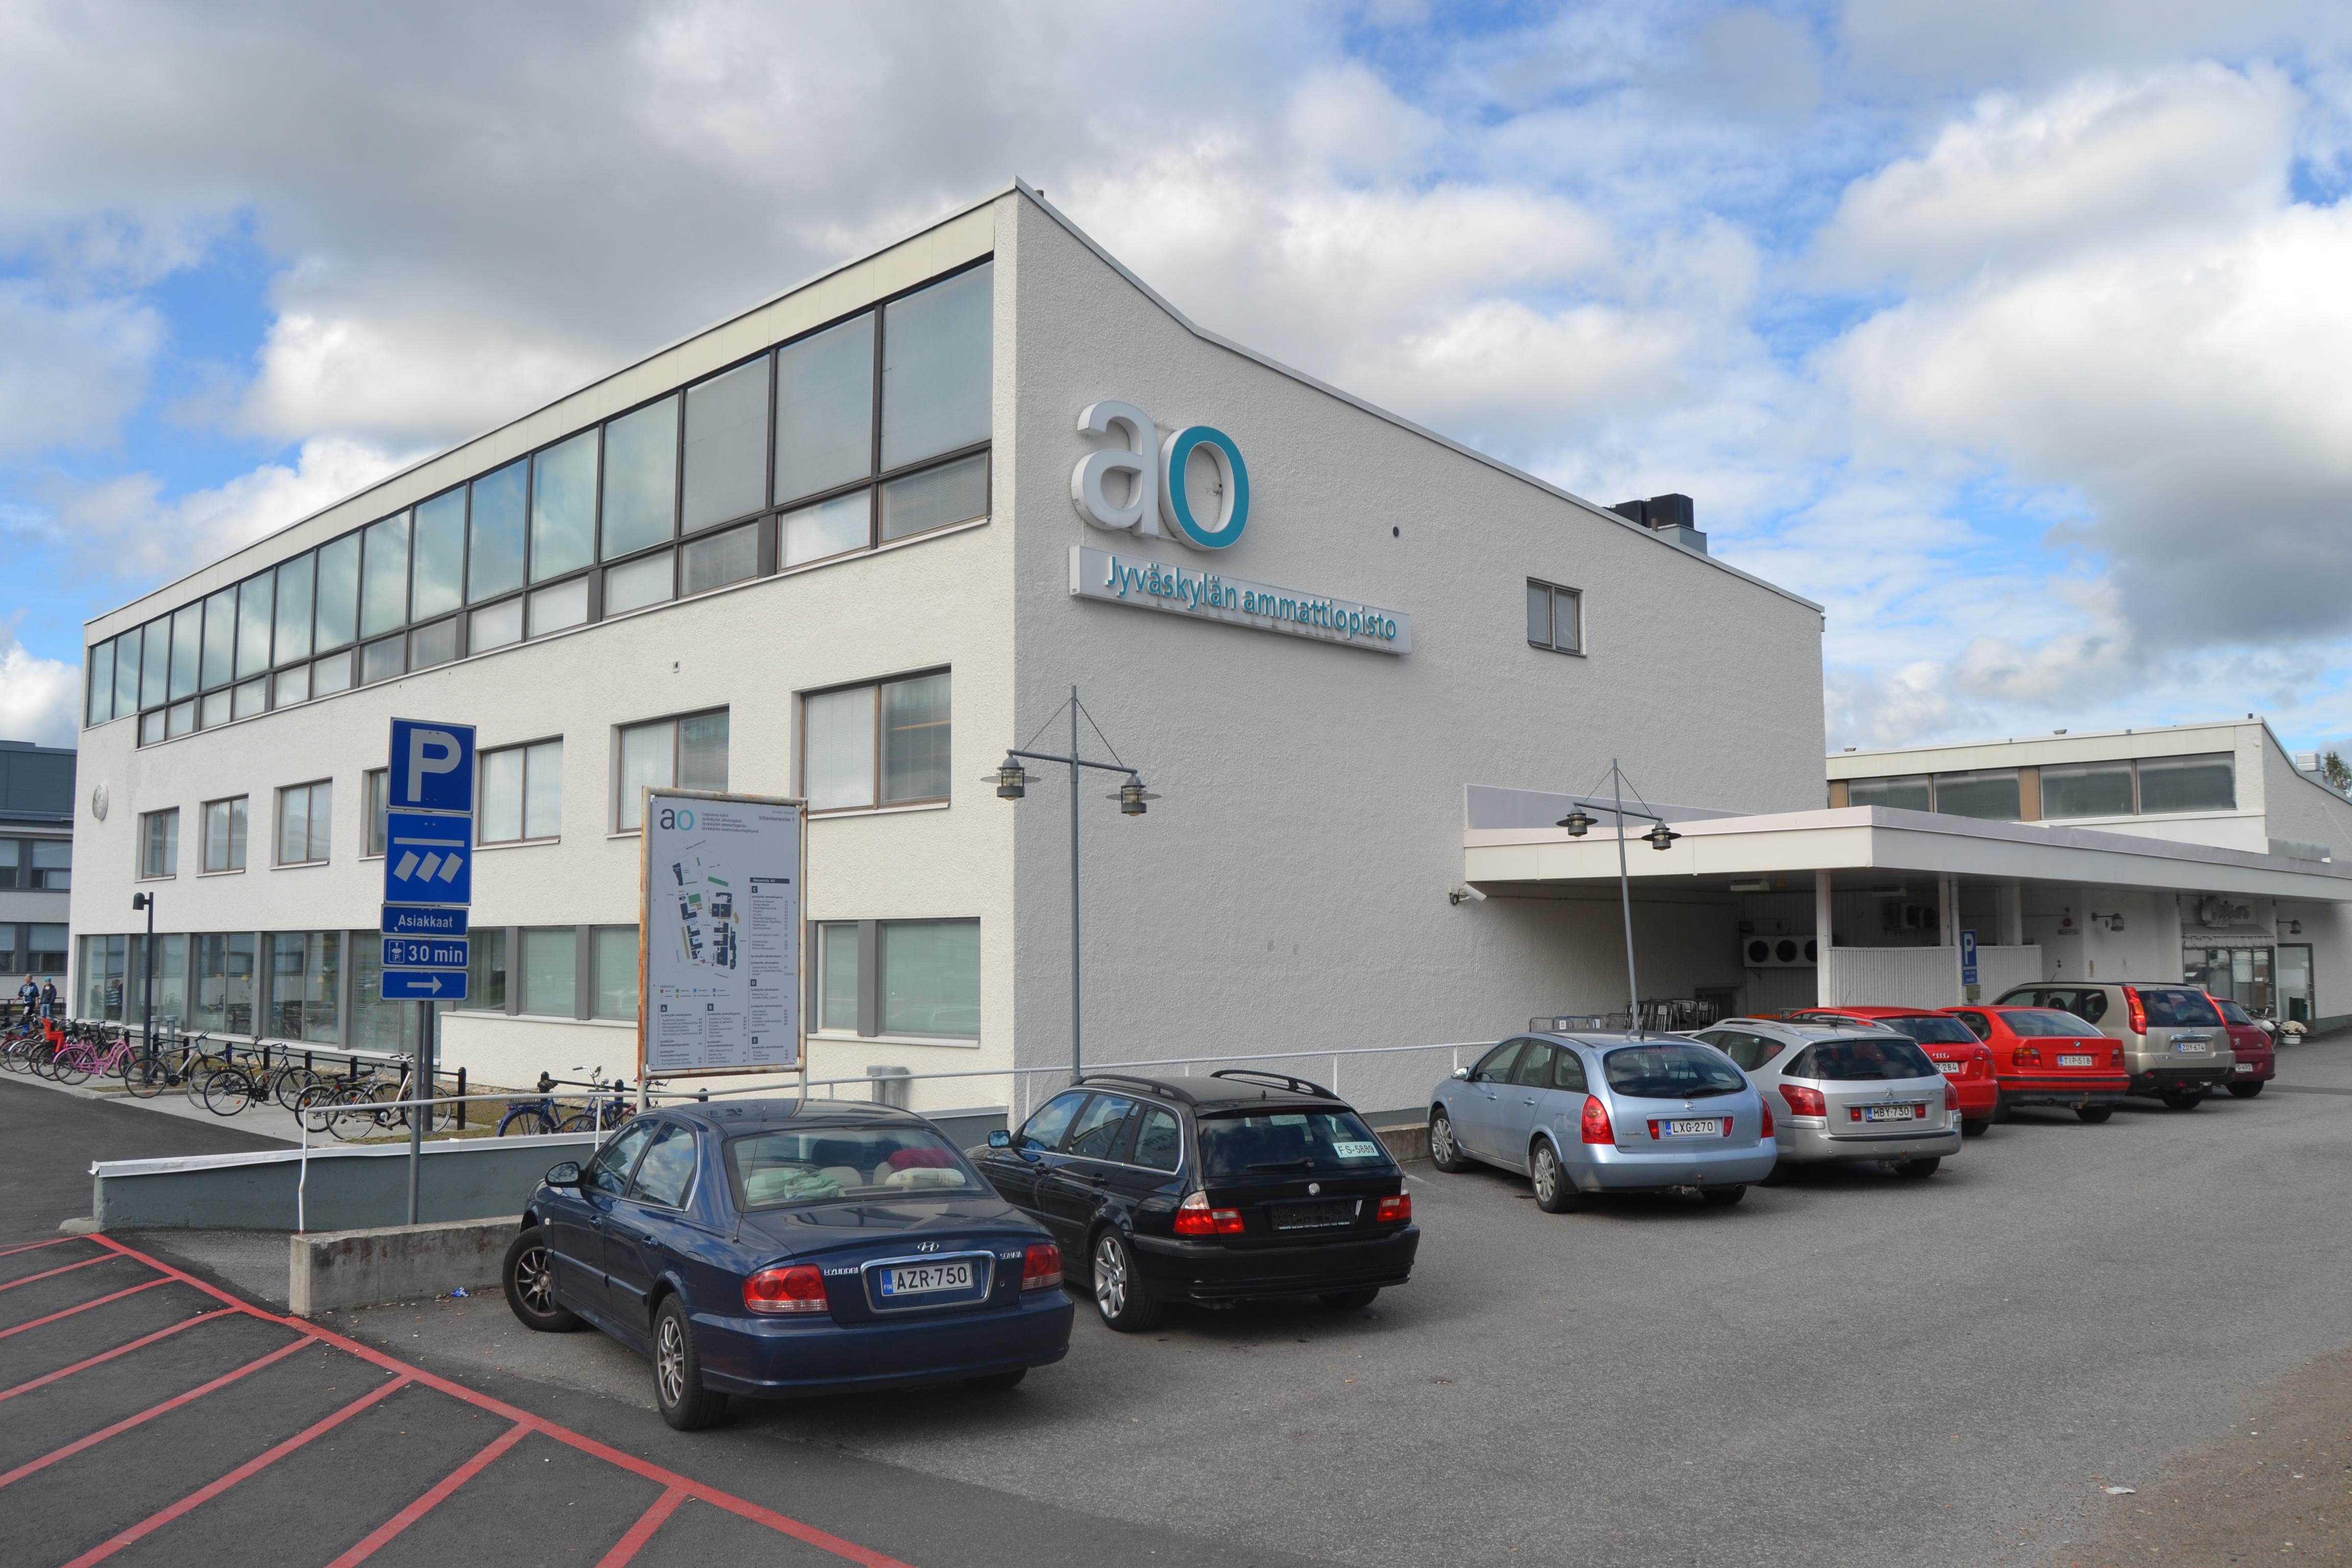 jyväskylän konservatorio